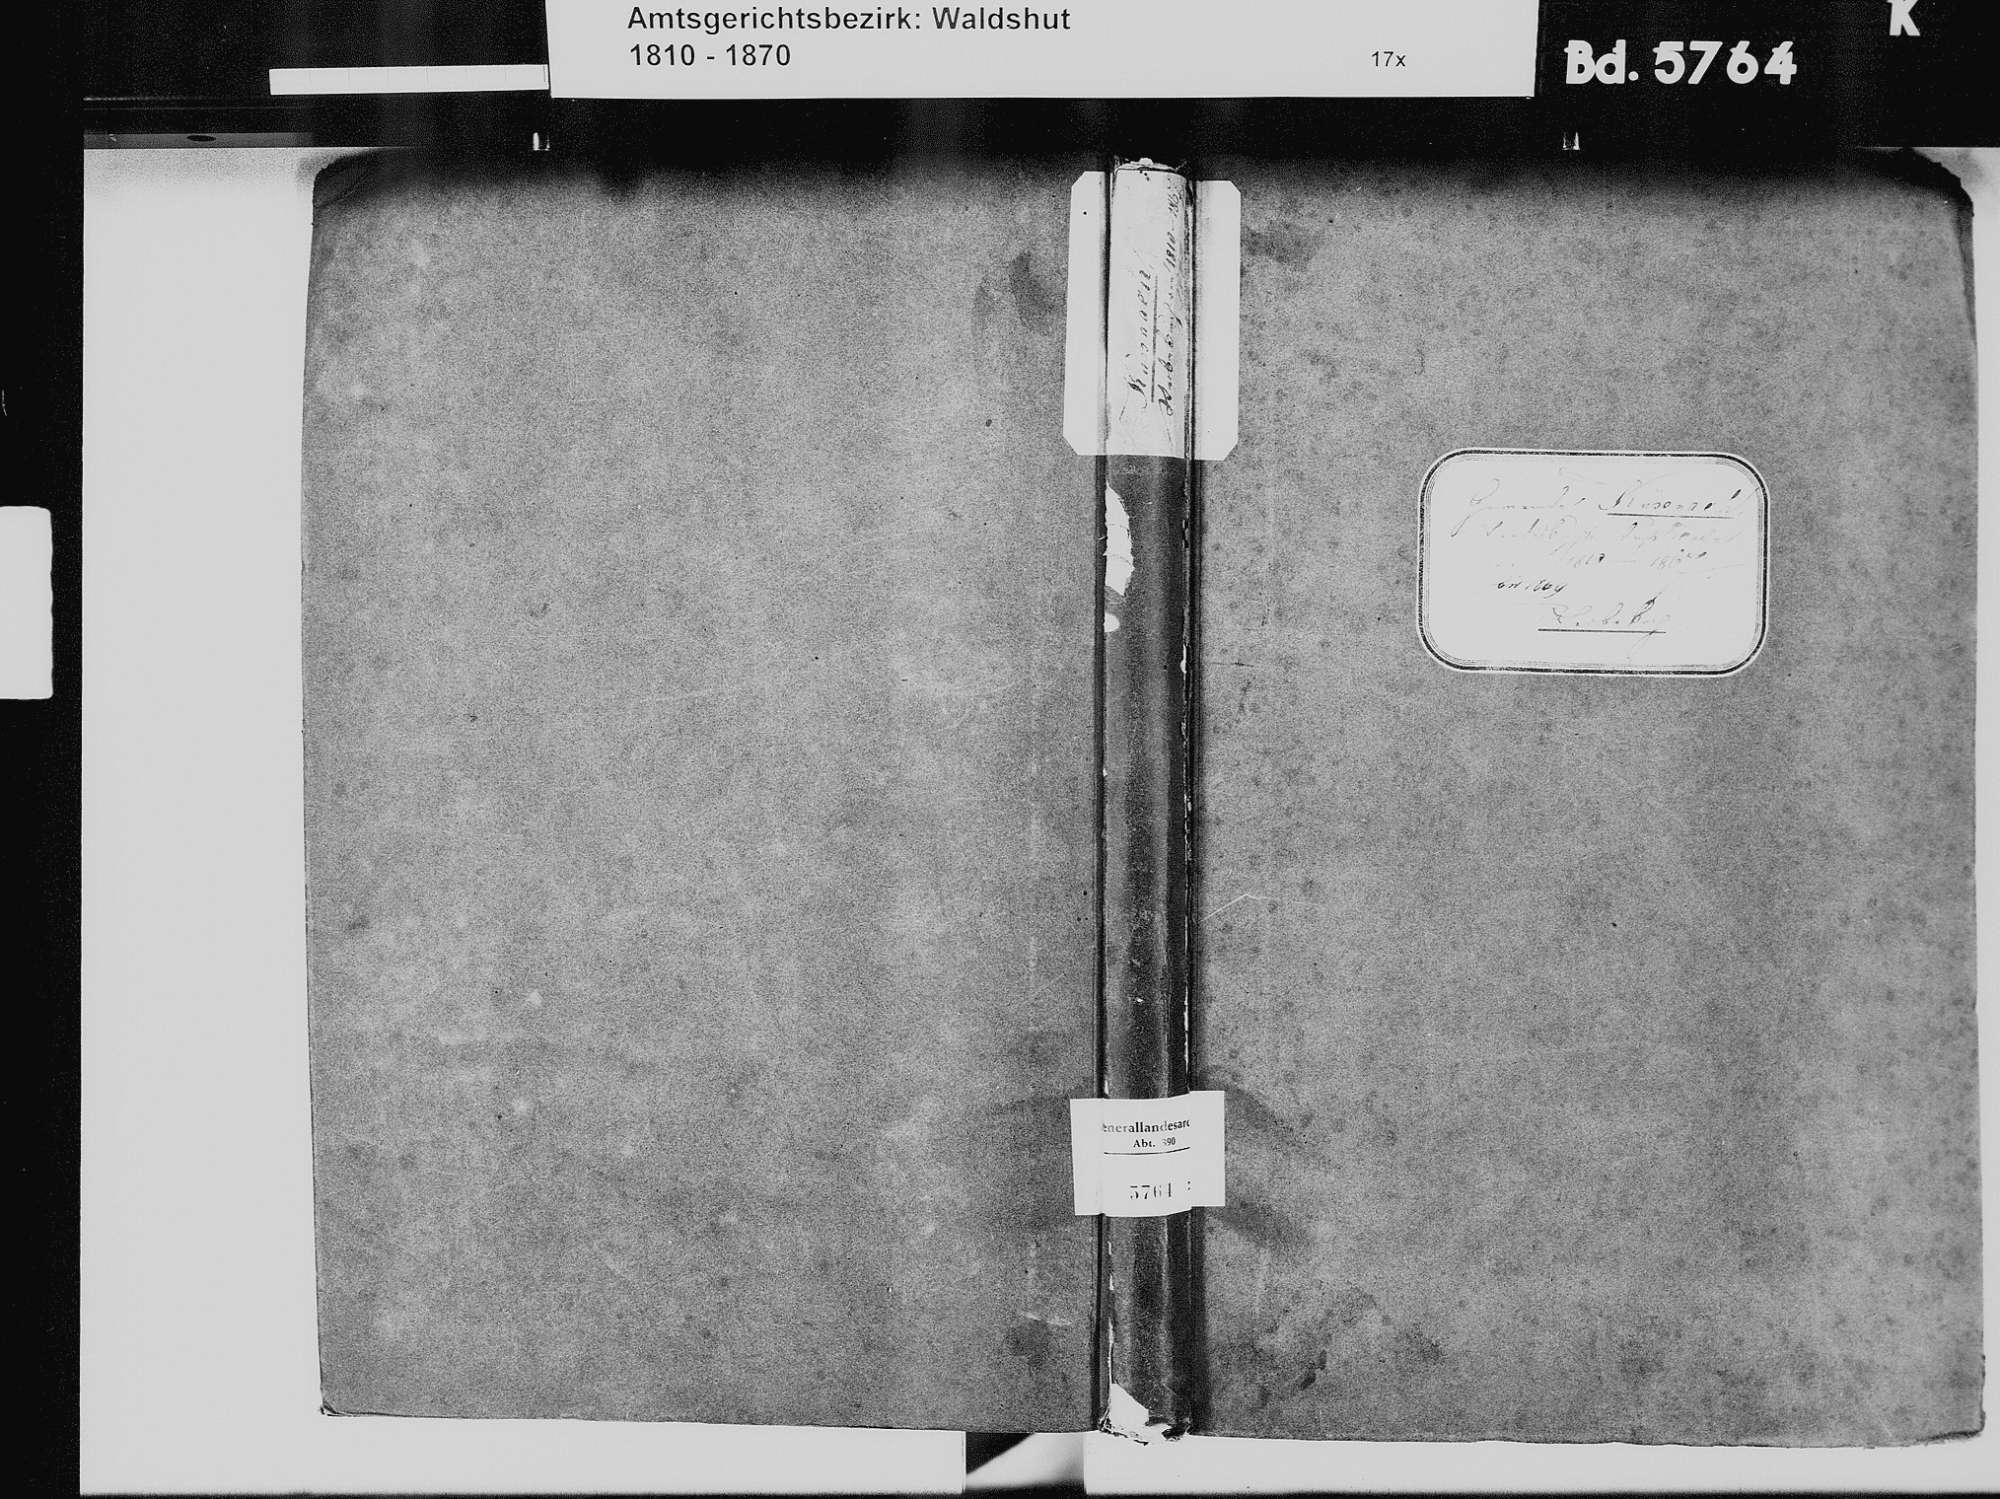 Küßnach, Küssaberg WT; Katholische Gemeinde: Heiratsbuch 1828-1837 Küßnach, Küssaberg WT; Katholische Gemeinde: Sterbebuch 1810-1869, Bild 2